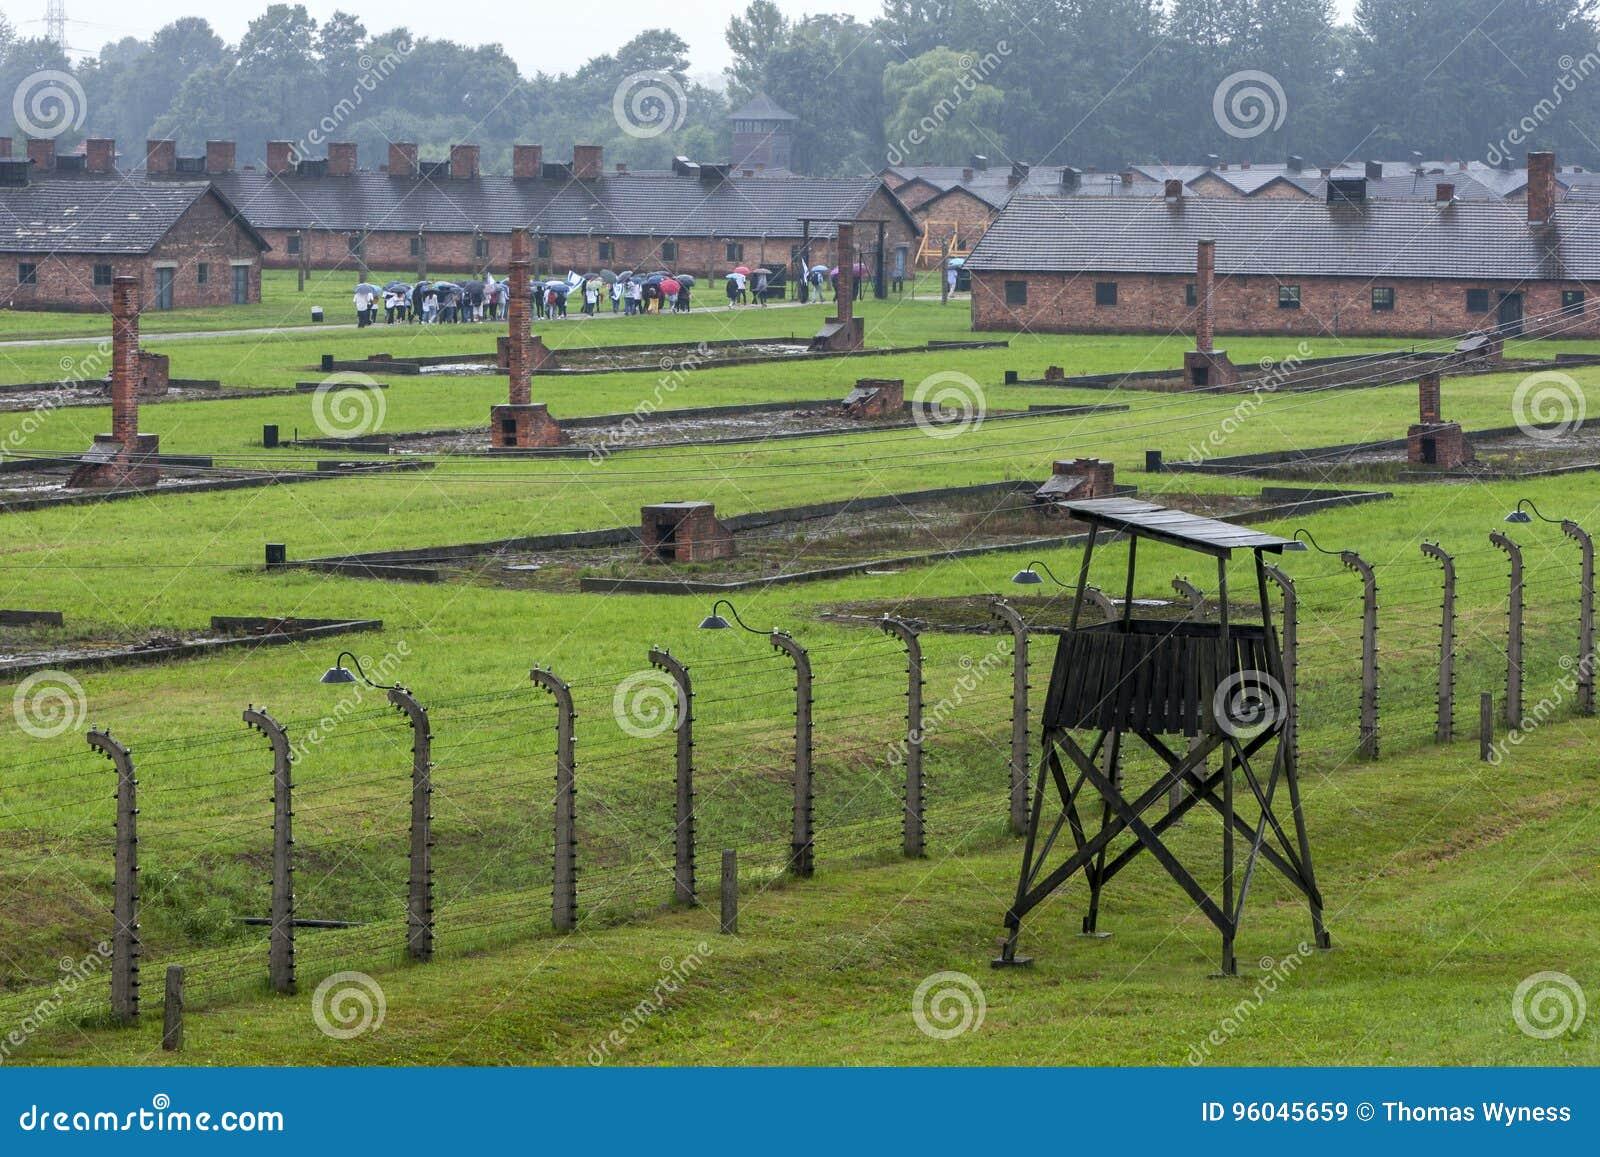 Ένα τμήμα του στρατοπέδου συγκέντρωσης auschwitz-Birkenau σε Oswiecim στην Πολωνία